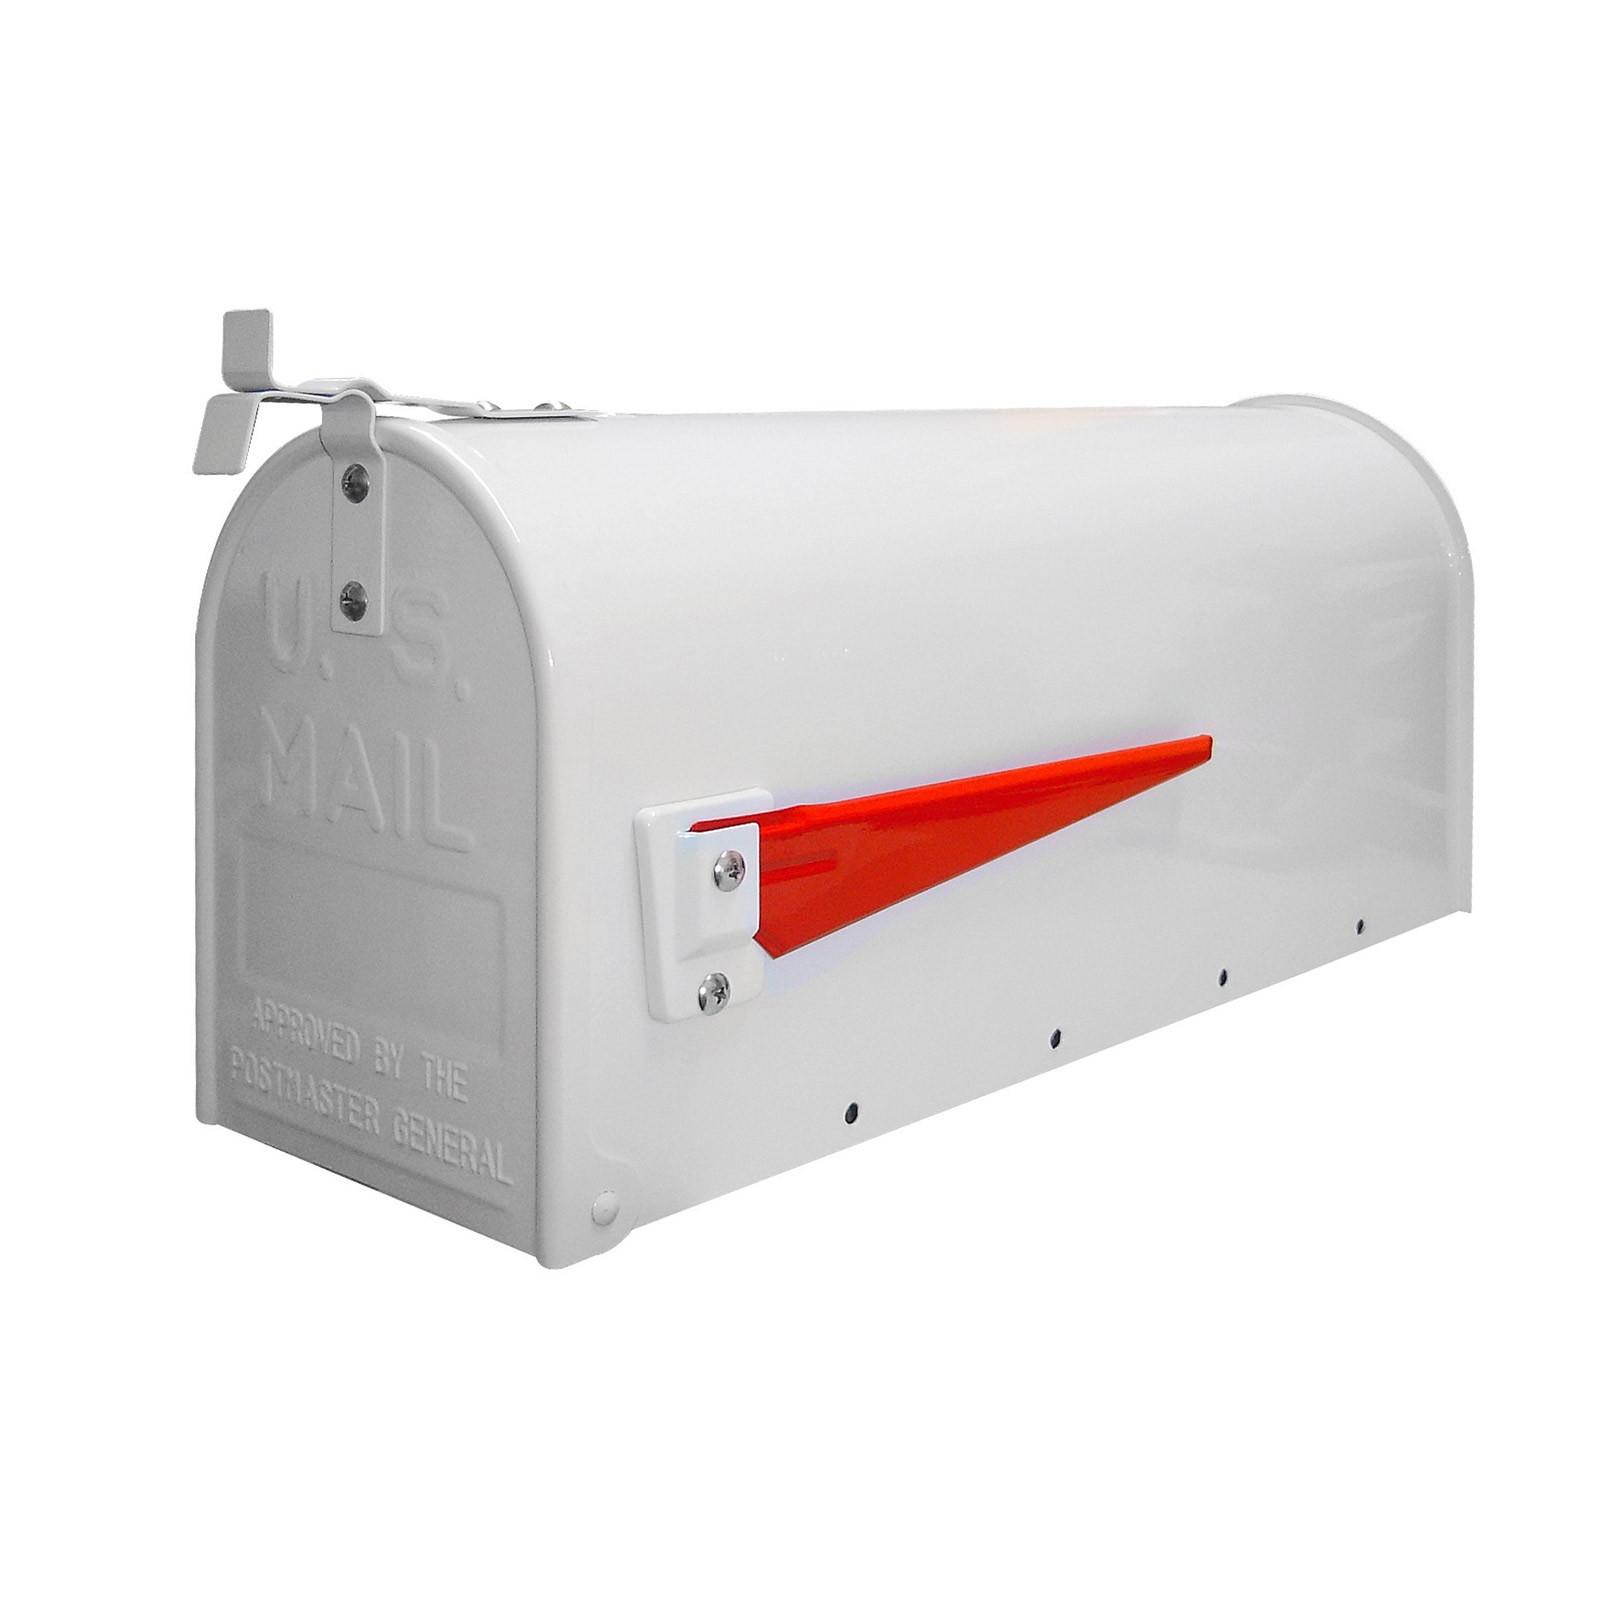 Dema Amerikanischer Briefkasten / American Mailbox aus Stahl in weiß 40747